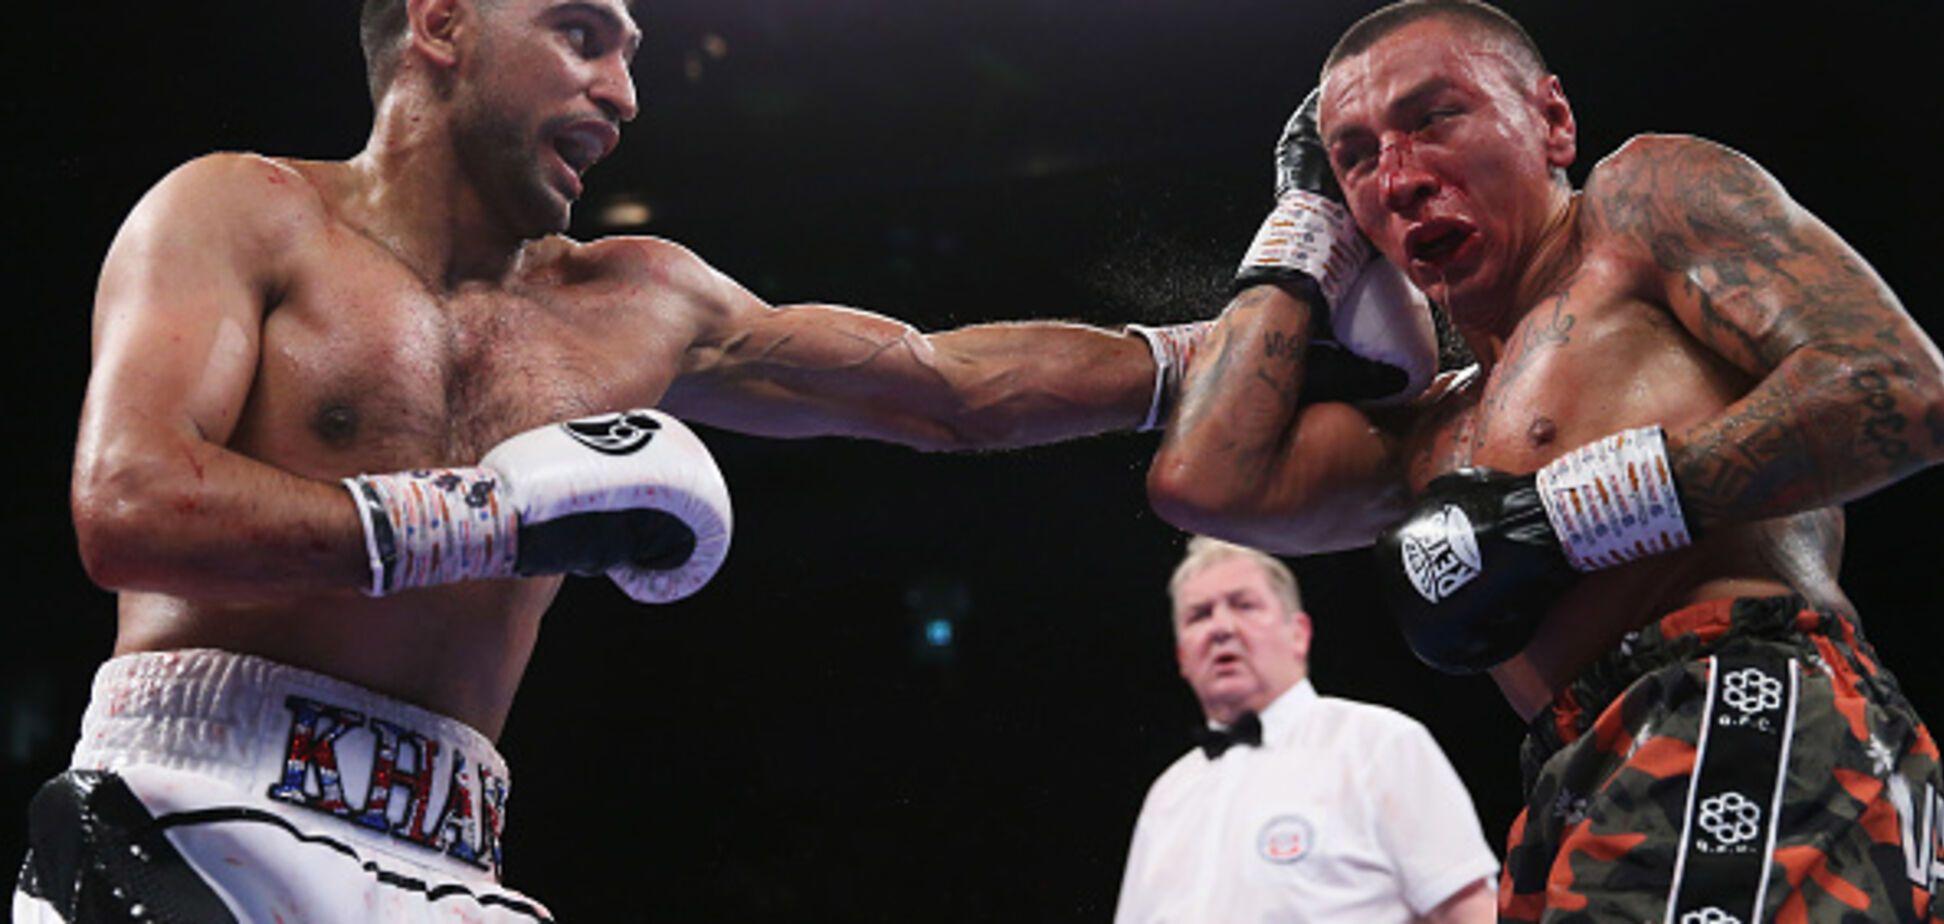 Знаменитий боксер здобув яскраву перемогу, піднявшись з нокдауну - опубліковано відео